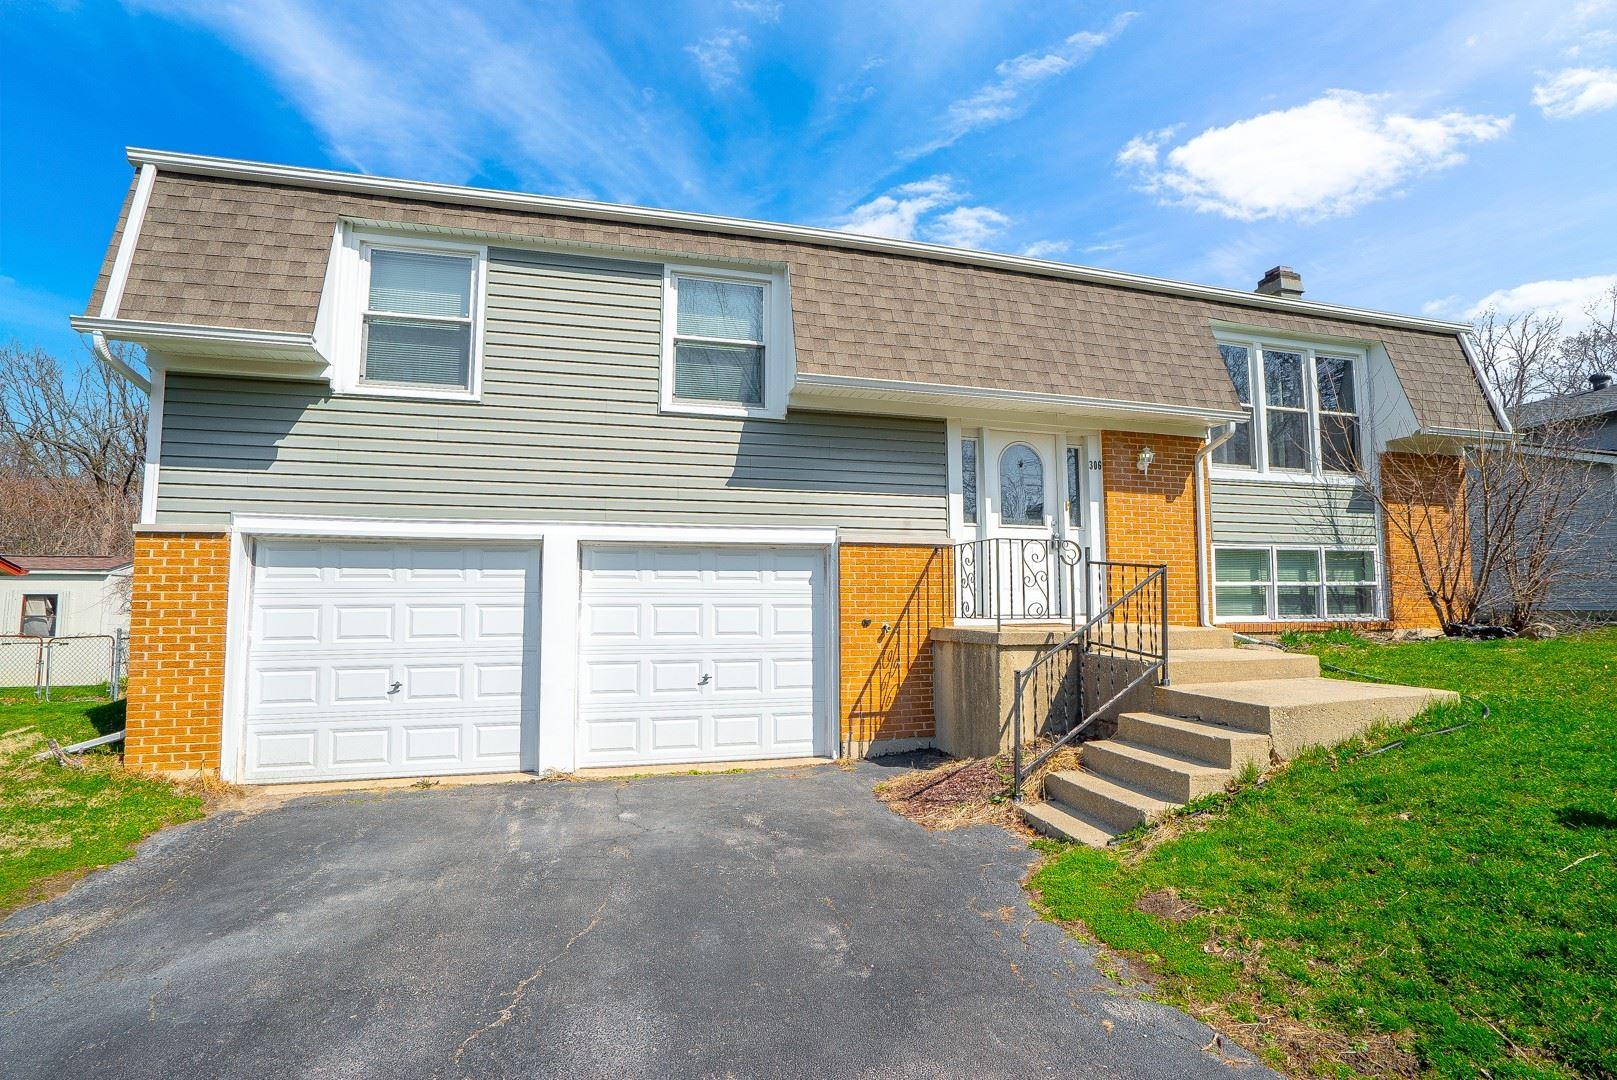 Photo of 306 Charlestown Drive, Bolingbrook, IL 60440 (MLS # 11041753)